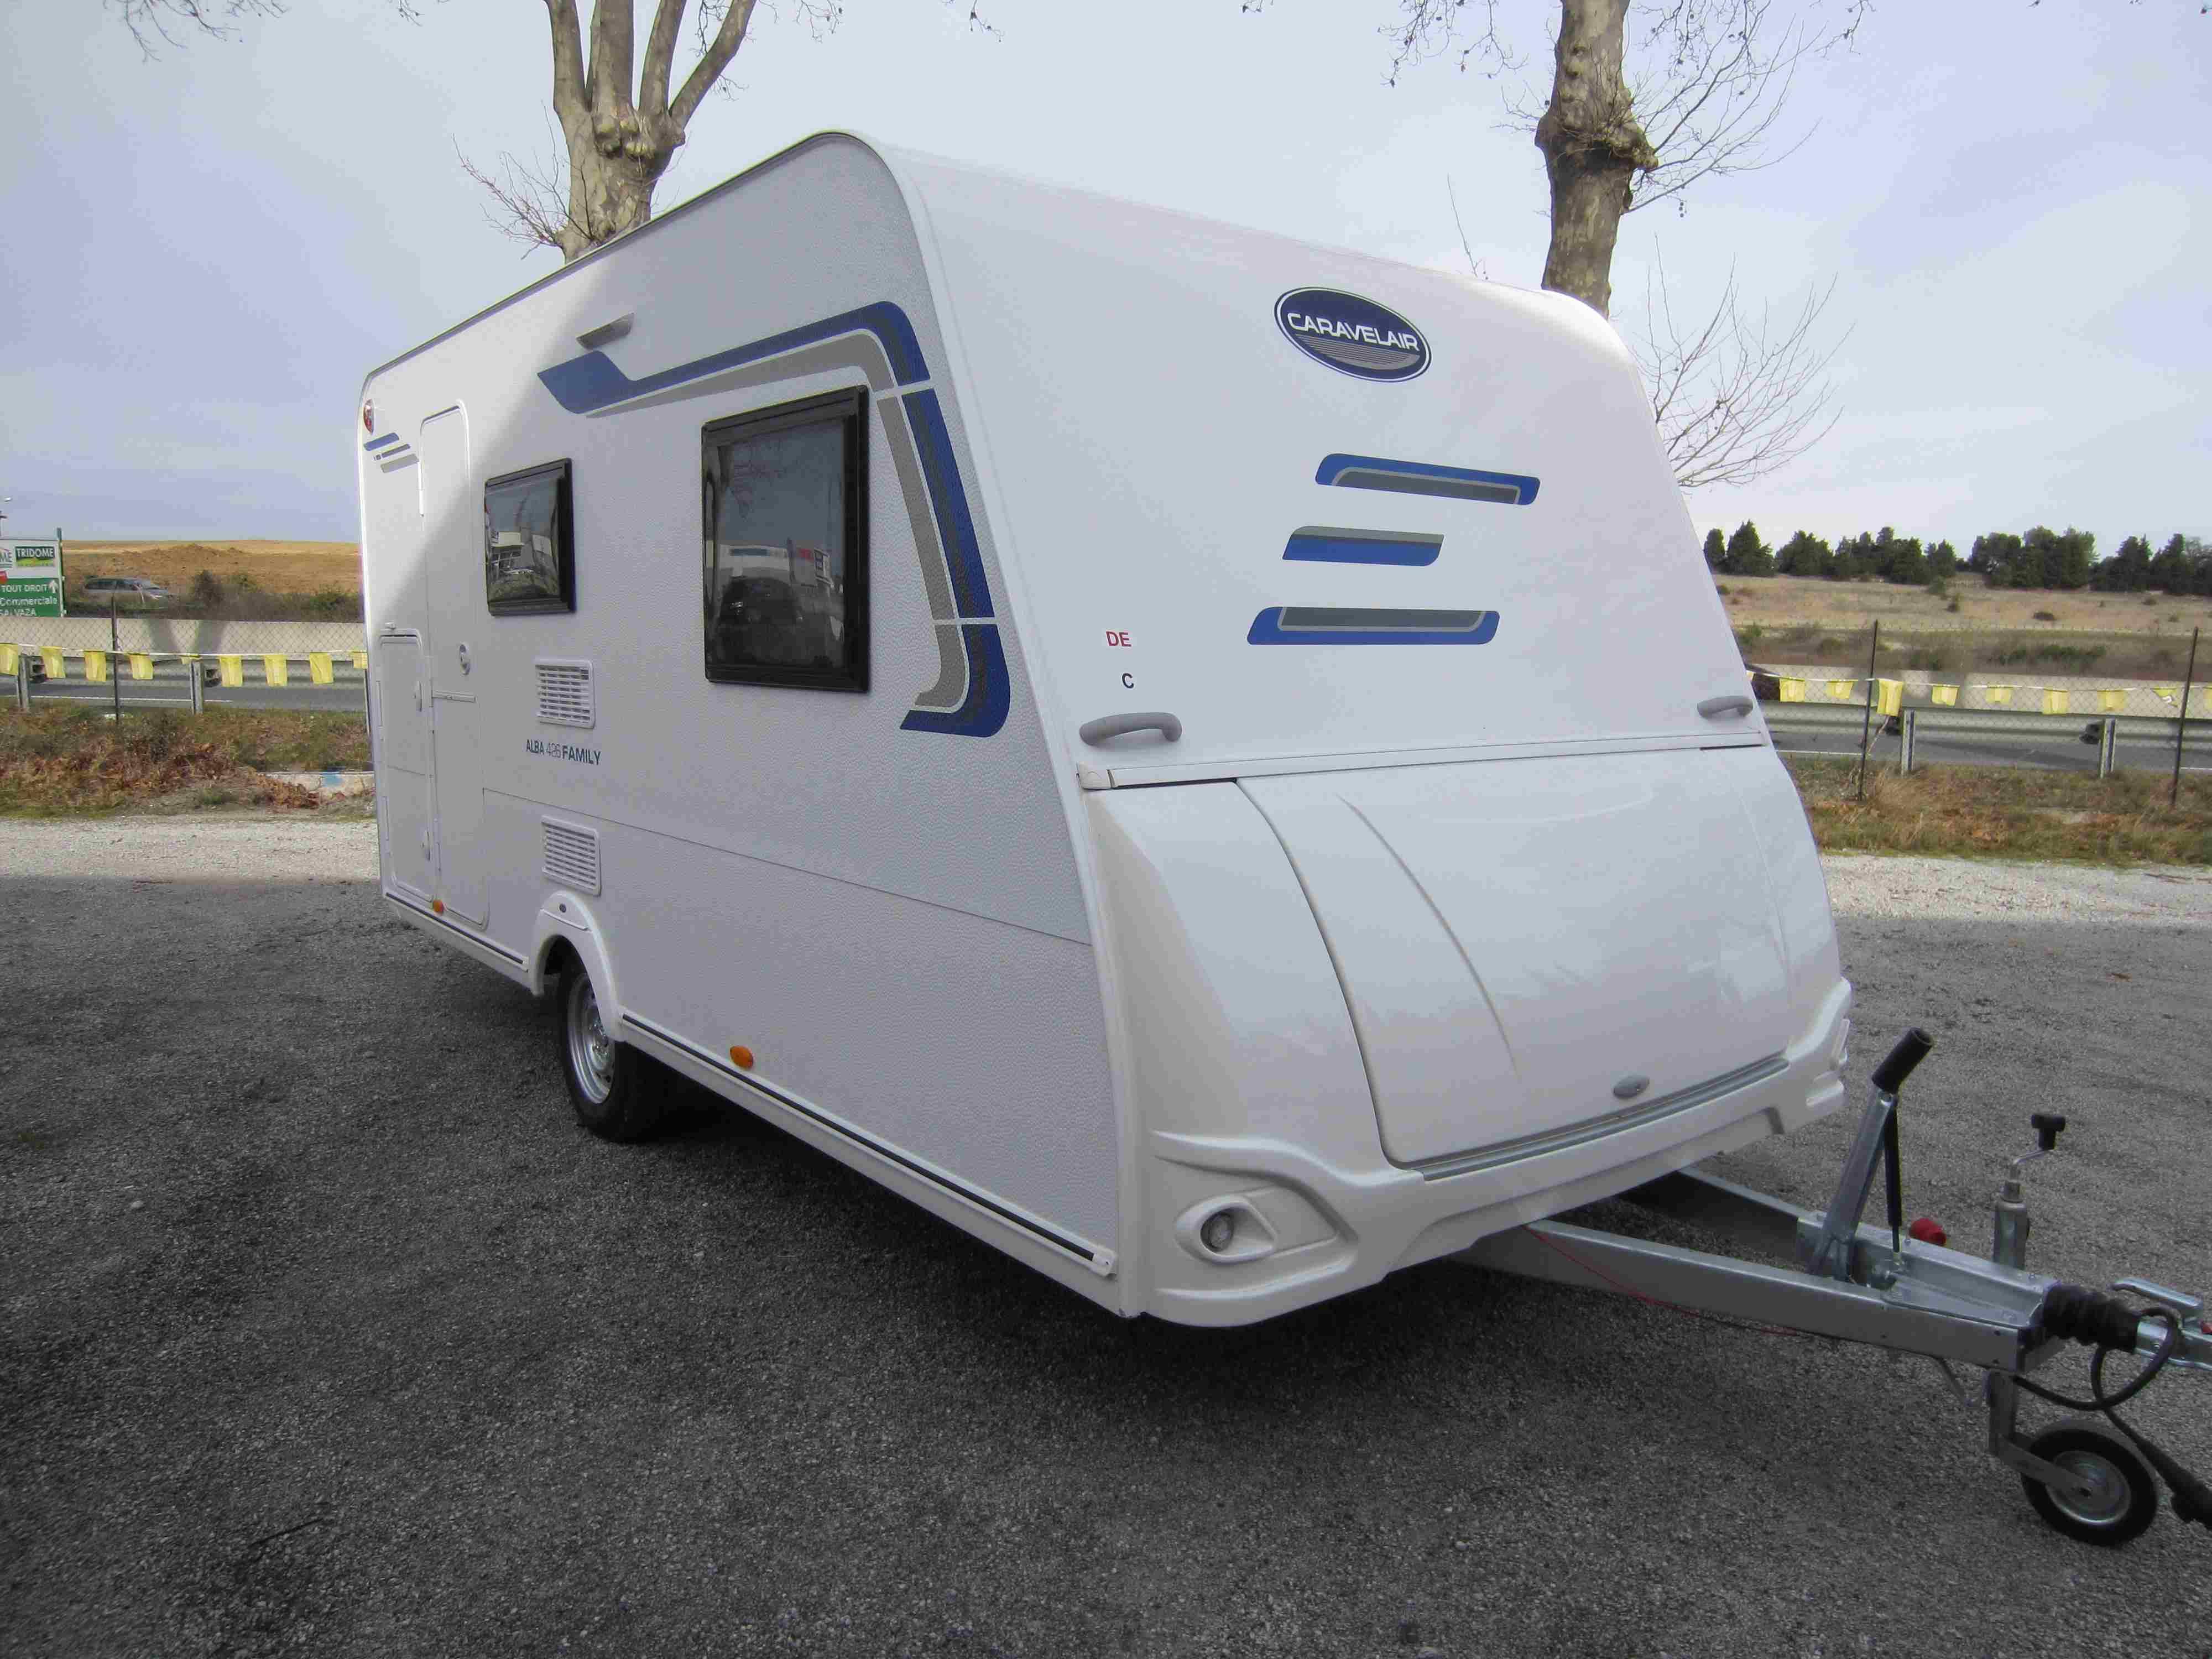 Caravelair alba 426 Fabre caravane modèle 2020